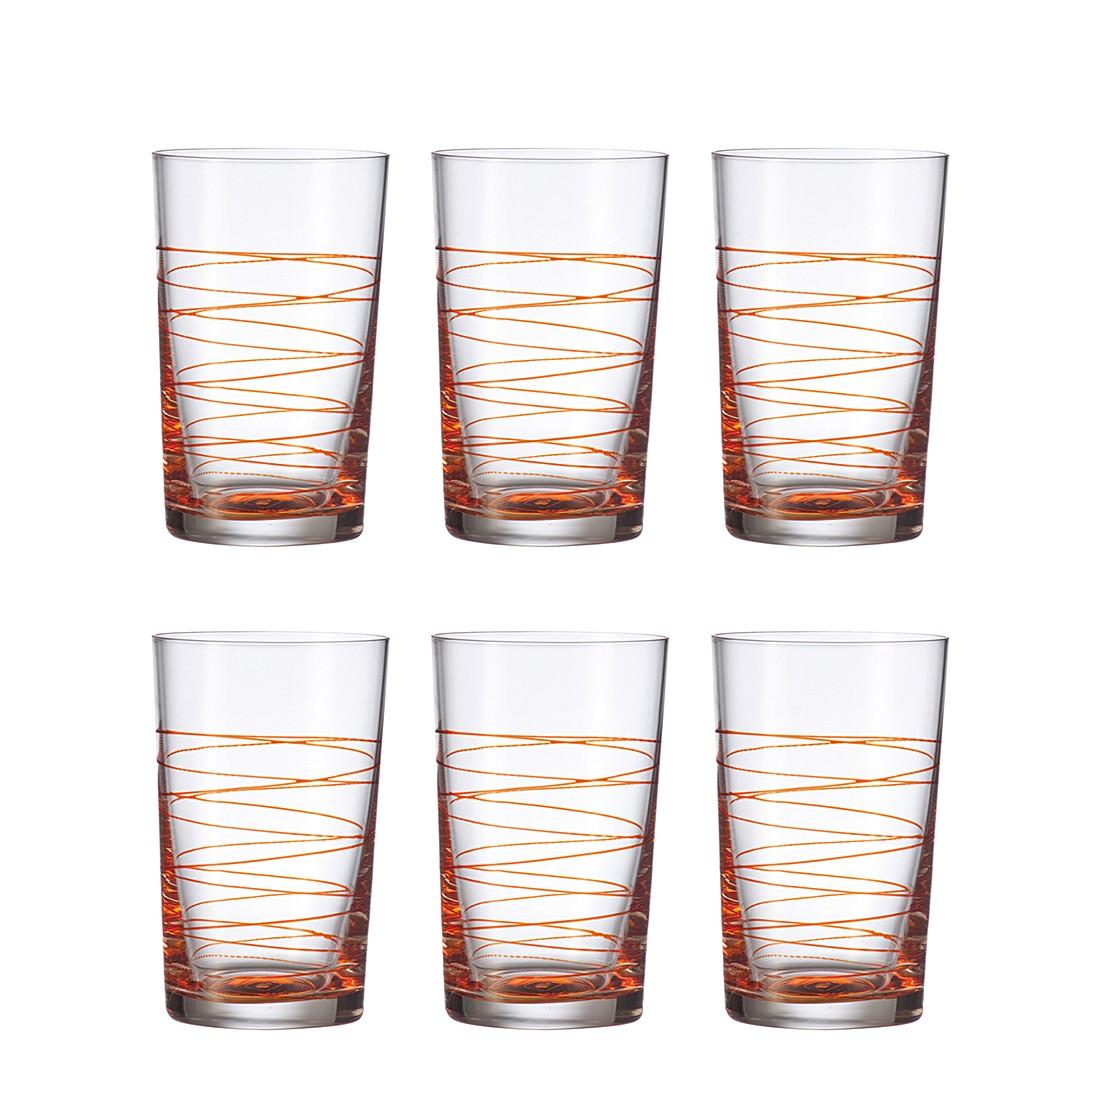 Becher Spirale (6er-Set) – Groß – Orange, Leonardo günstig online kaufen